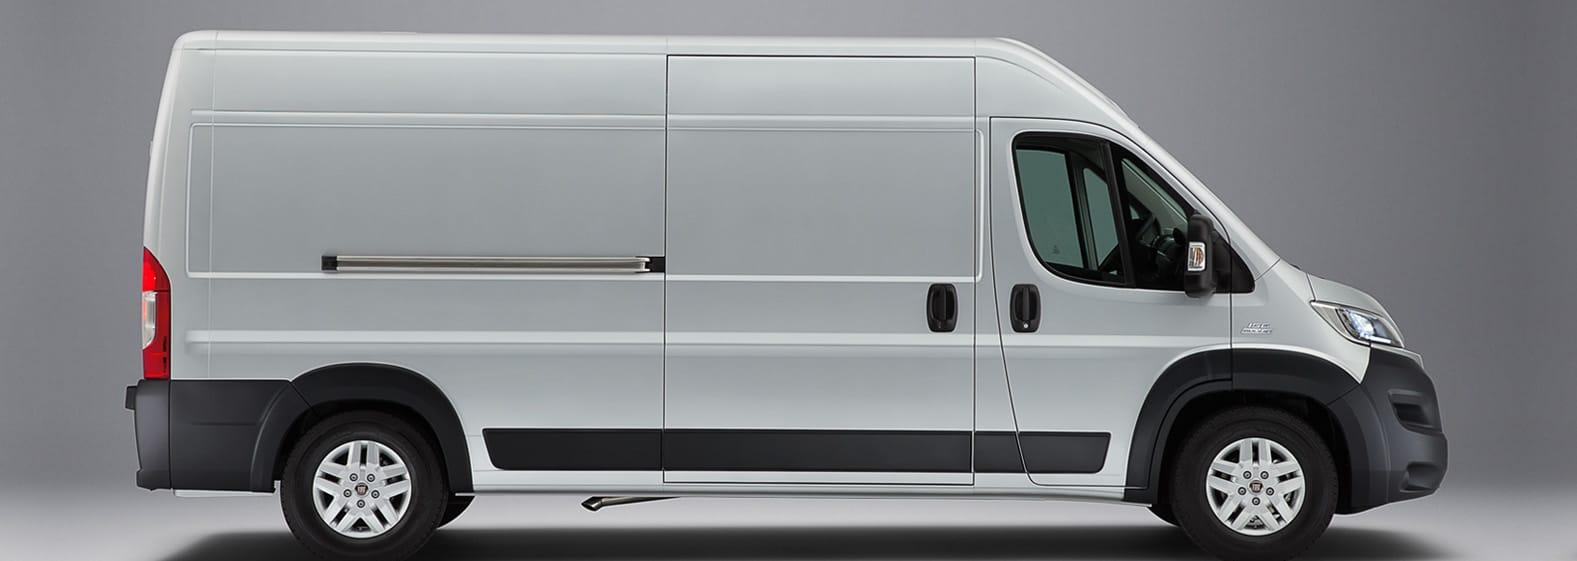 fiat ducato maxi wynajem warszawa wypo yczalnia samochod w dolcar. Black Bedroom Furniture Sets. Home Design Ideas